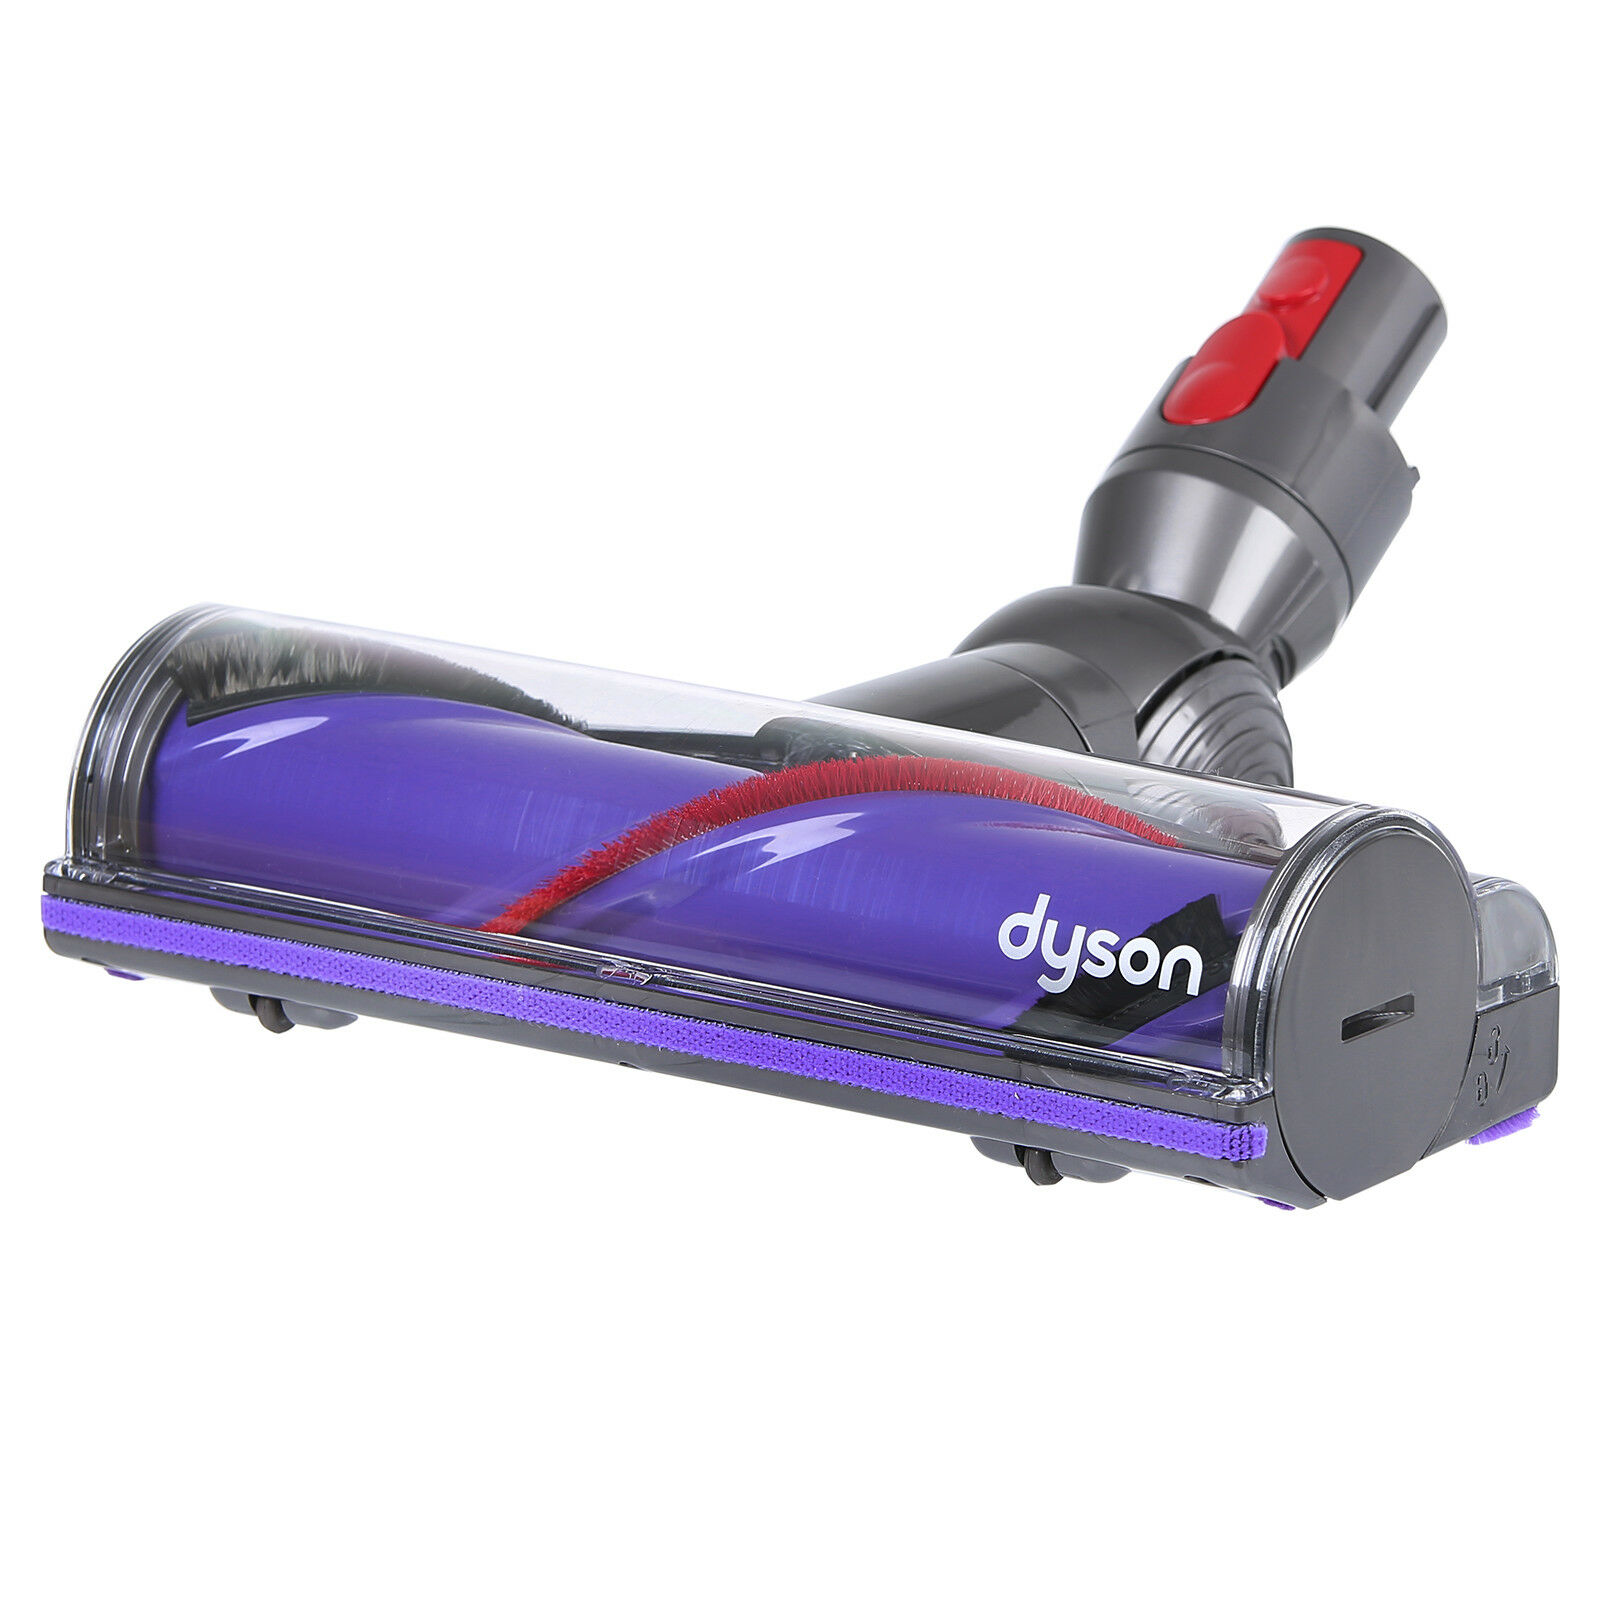 Dyson sv10 absolute пылесос дайсон купить в спб